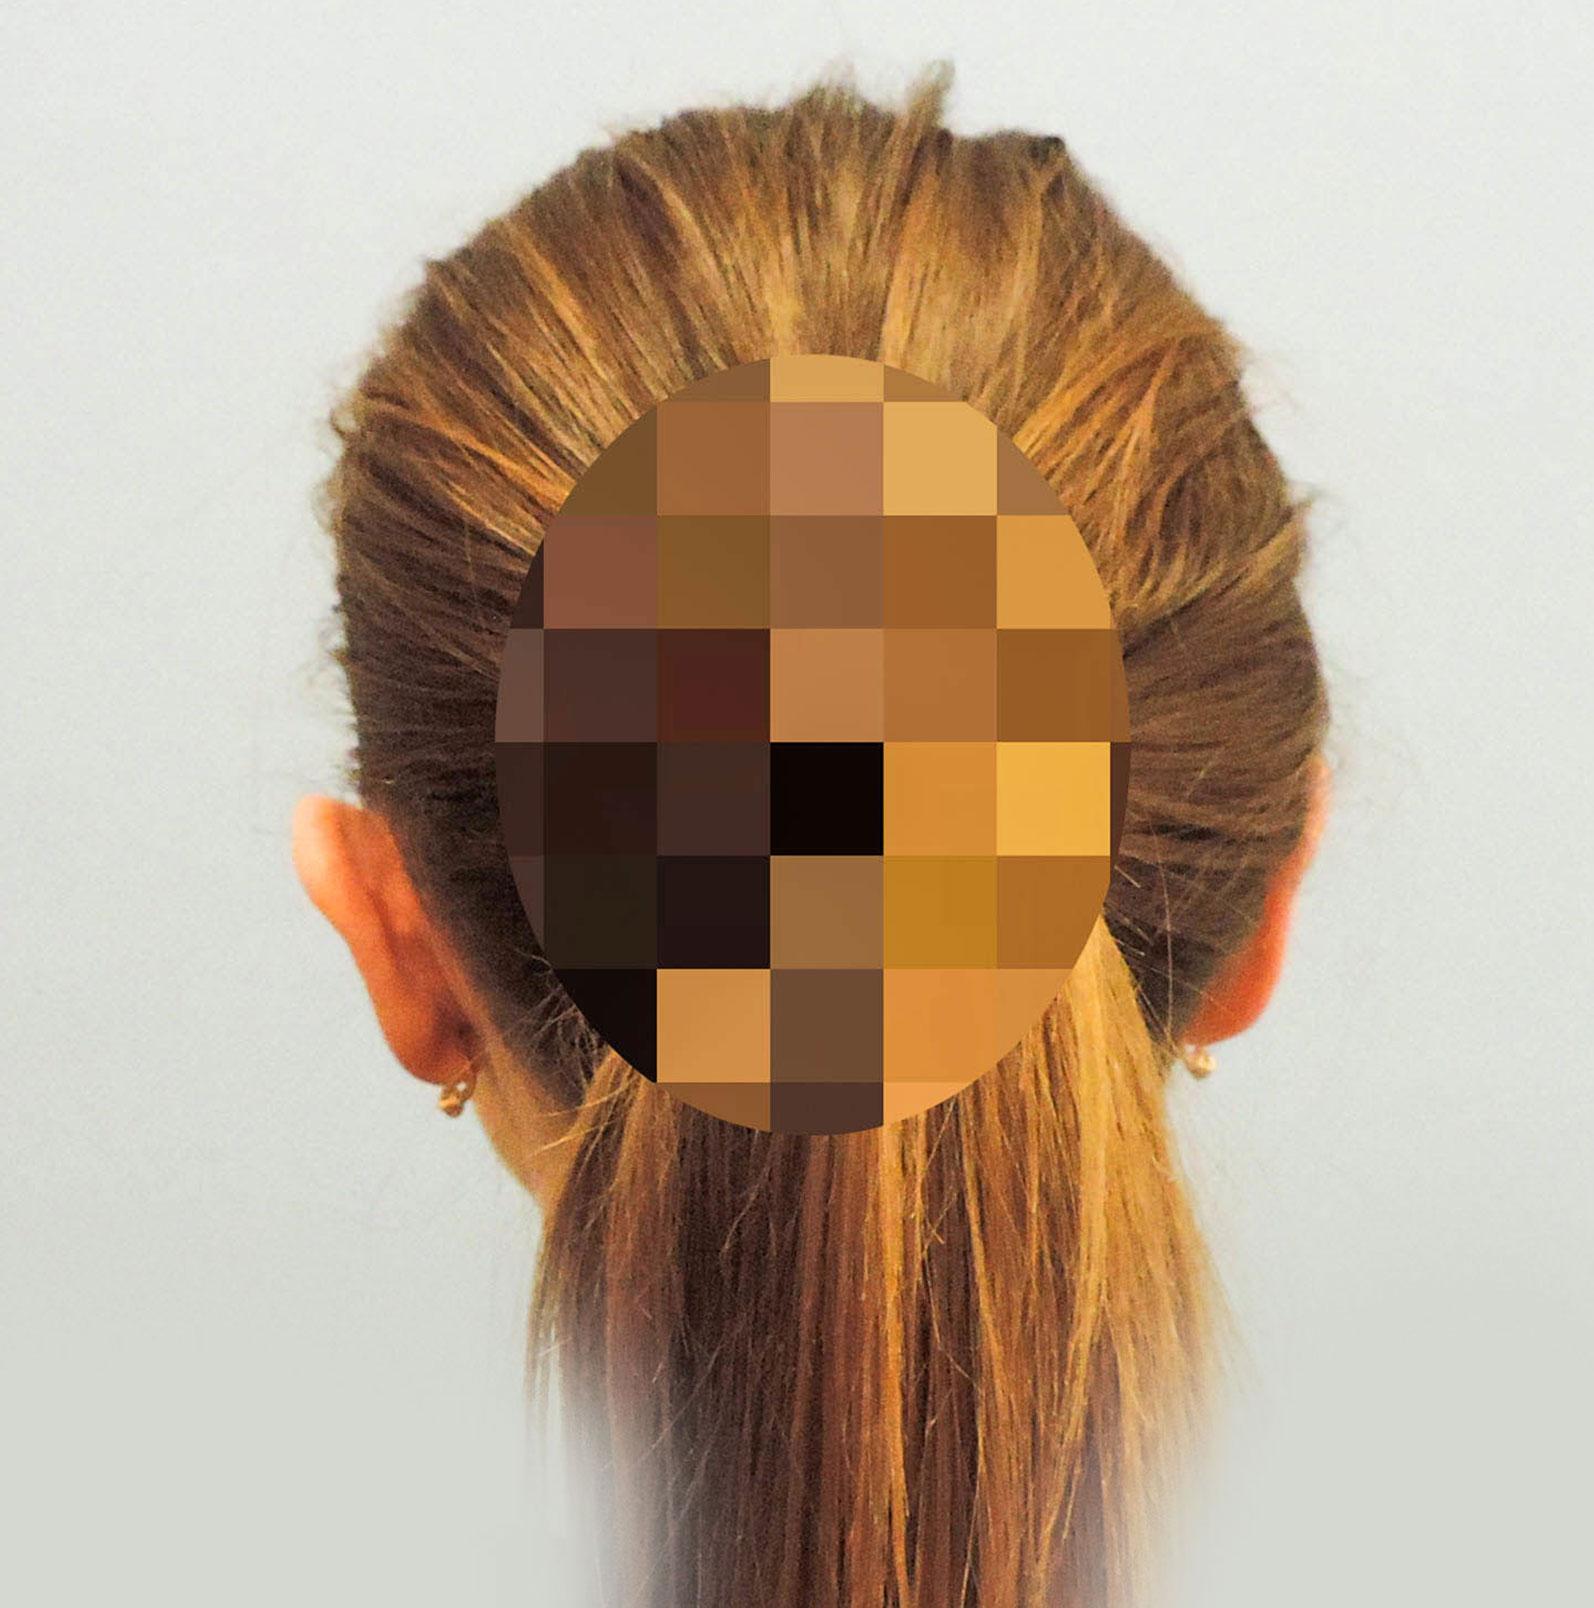 Korekcja Odstających Uszu 10